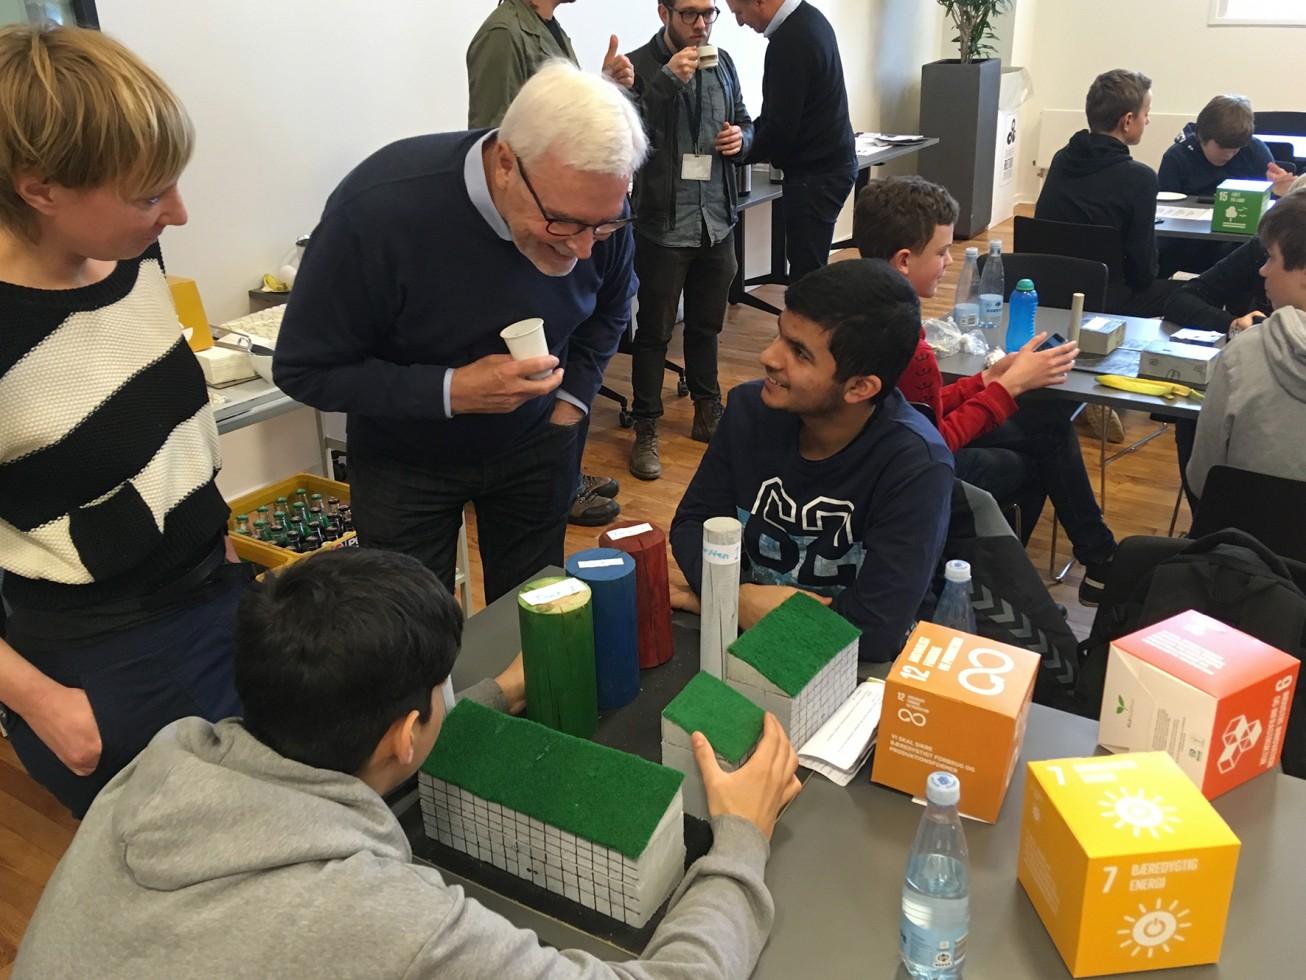 Img_0014. Gruppe der præsenterer sin ide.